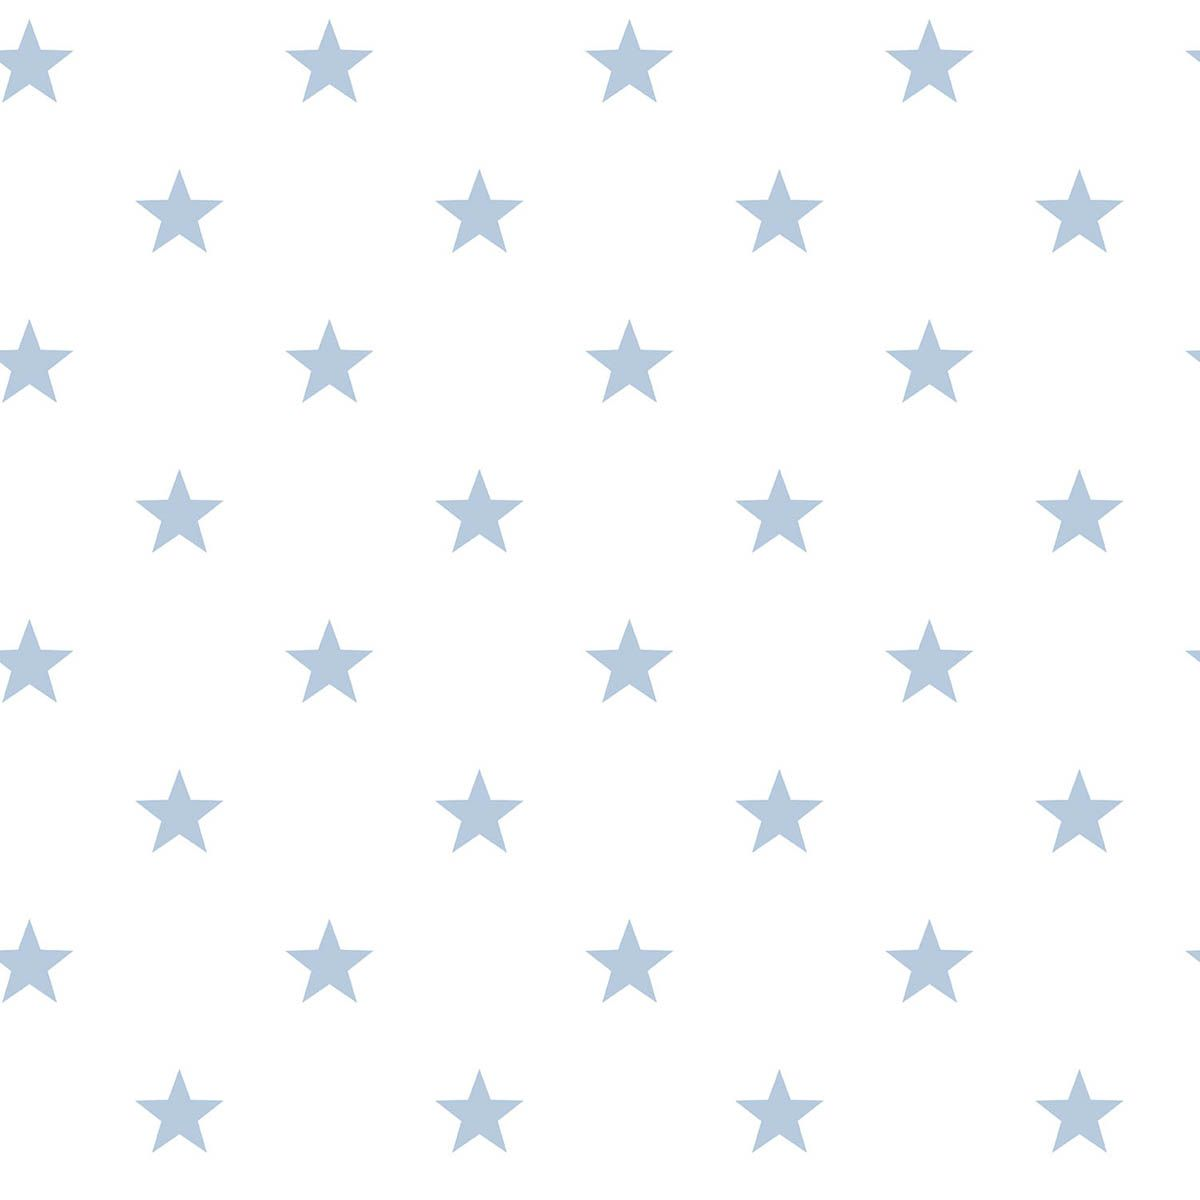 Papel de Parede Deauville 2 G23104 - Rolo: 10m x 0,53m